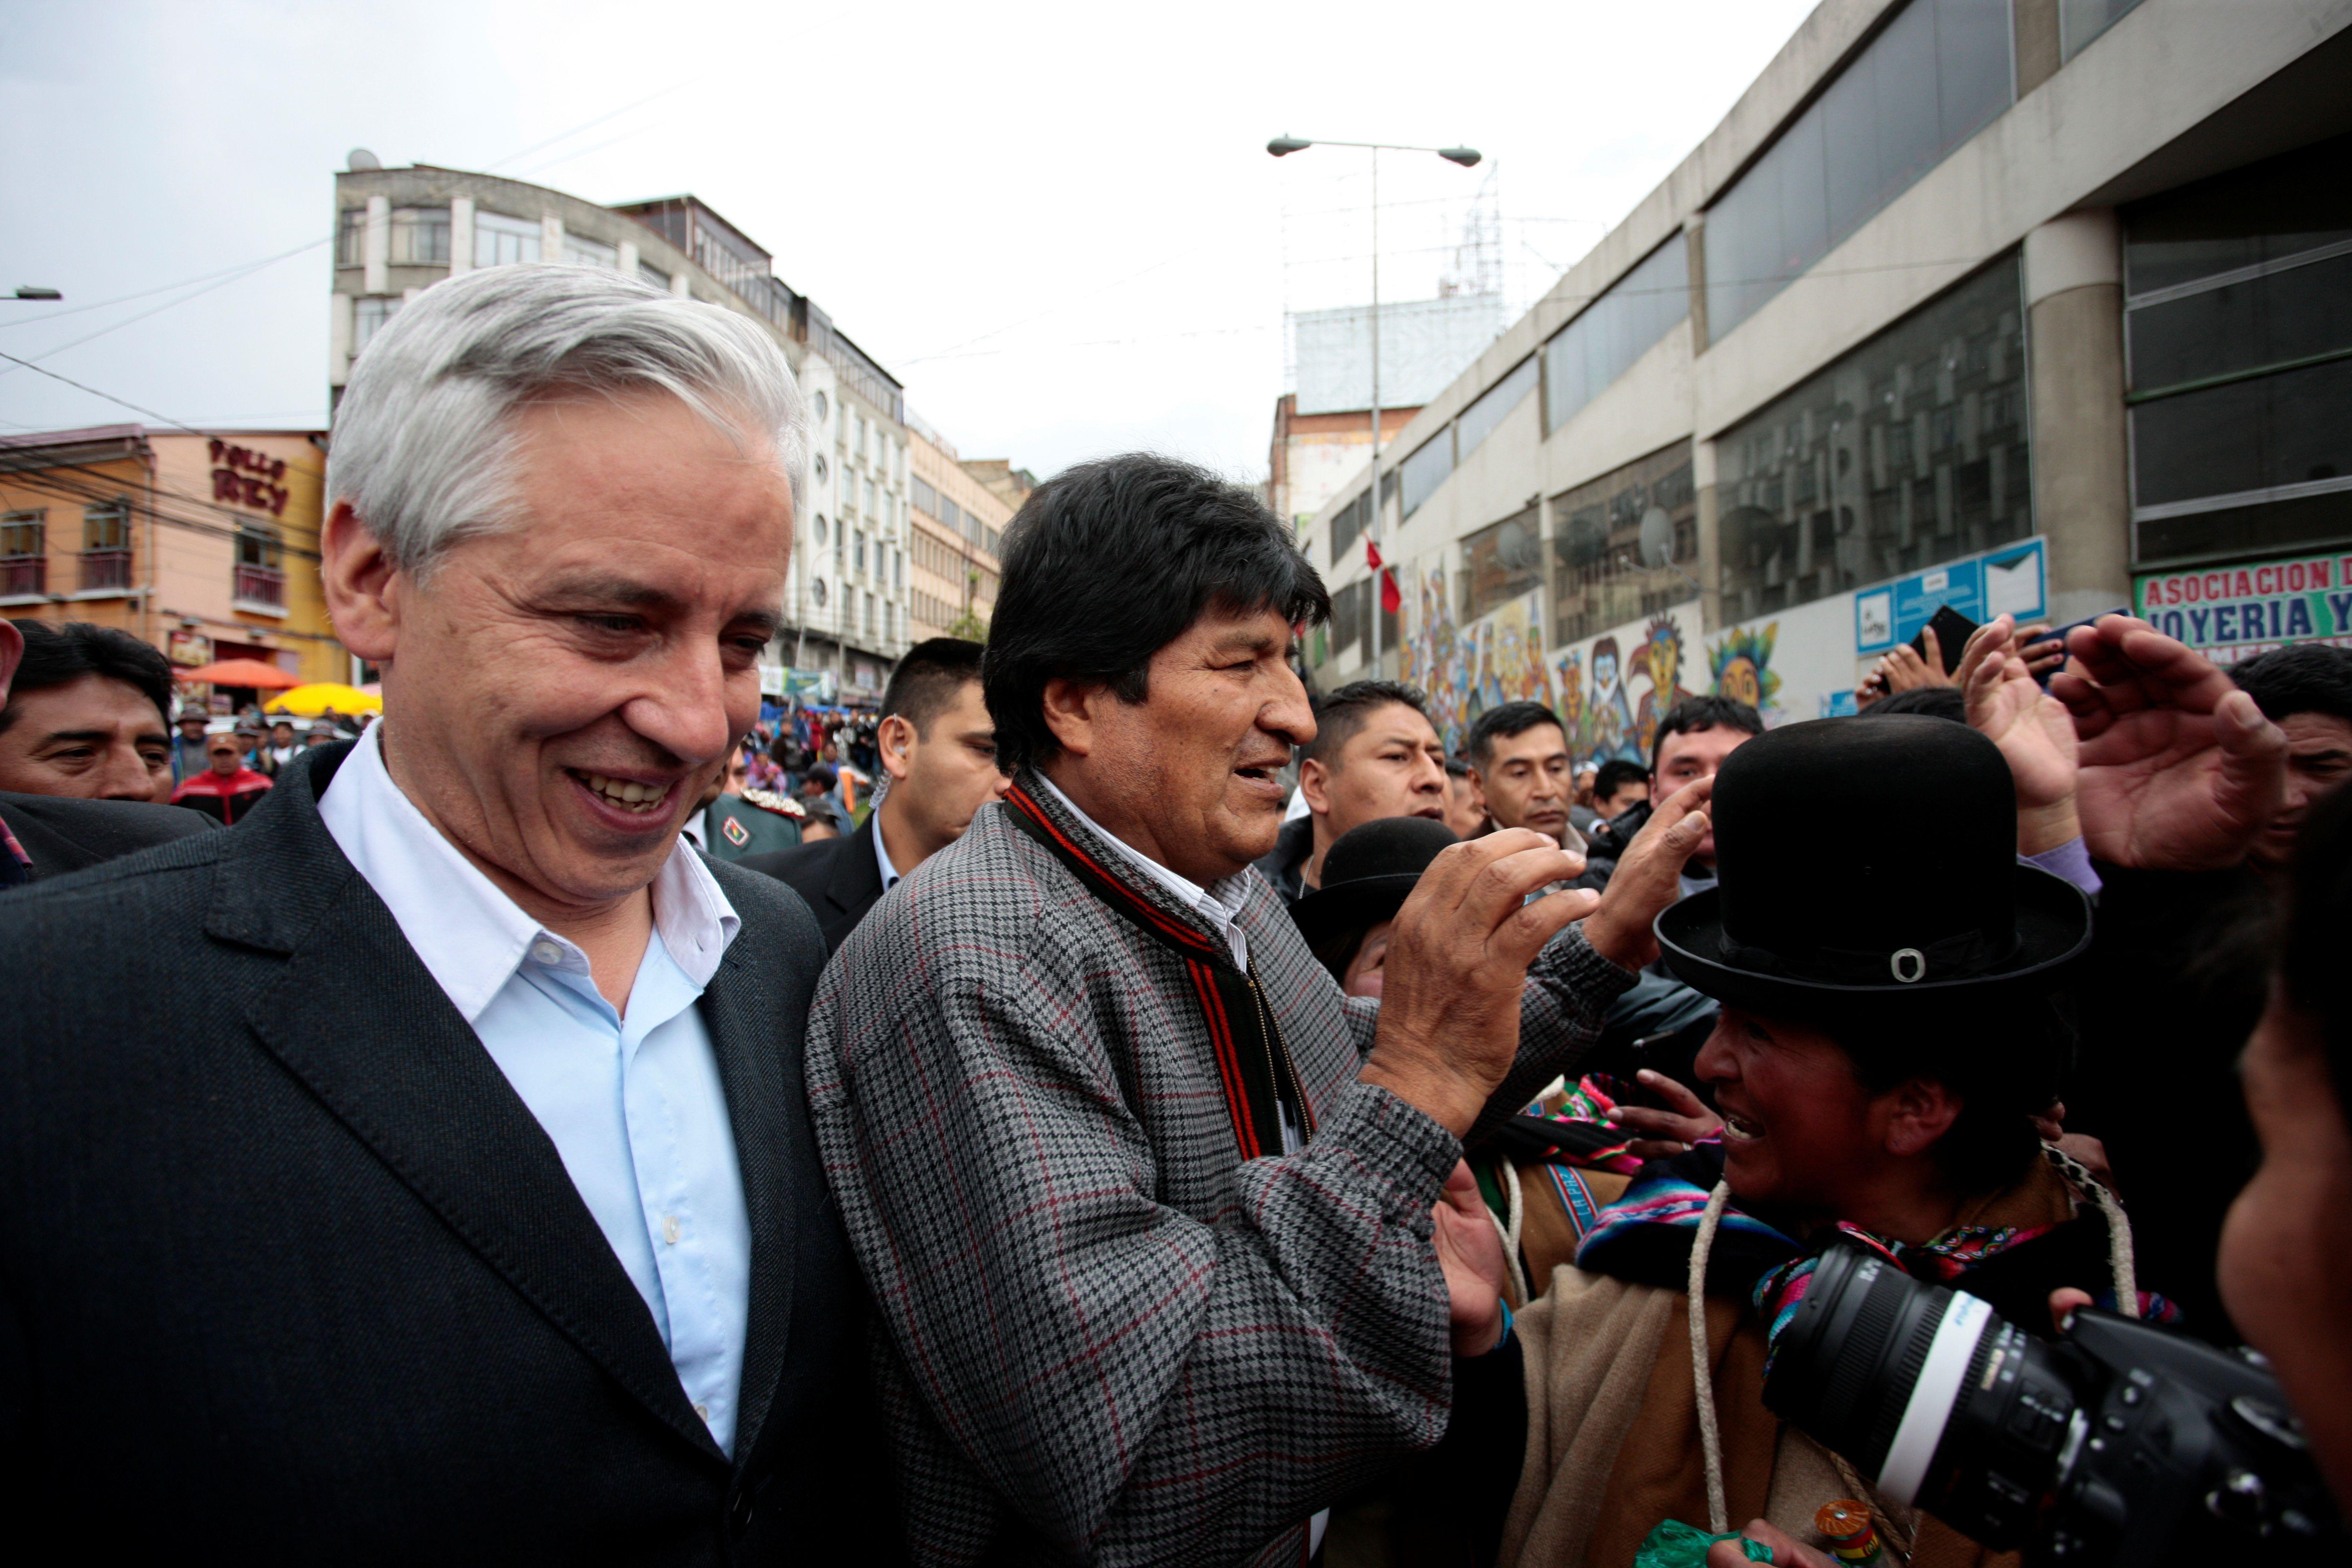 El ex vicepresidente Aávaro García Linera junto a Morales en noviembre.  También viajó a Argentina junto al ex mandatario (Reuters)